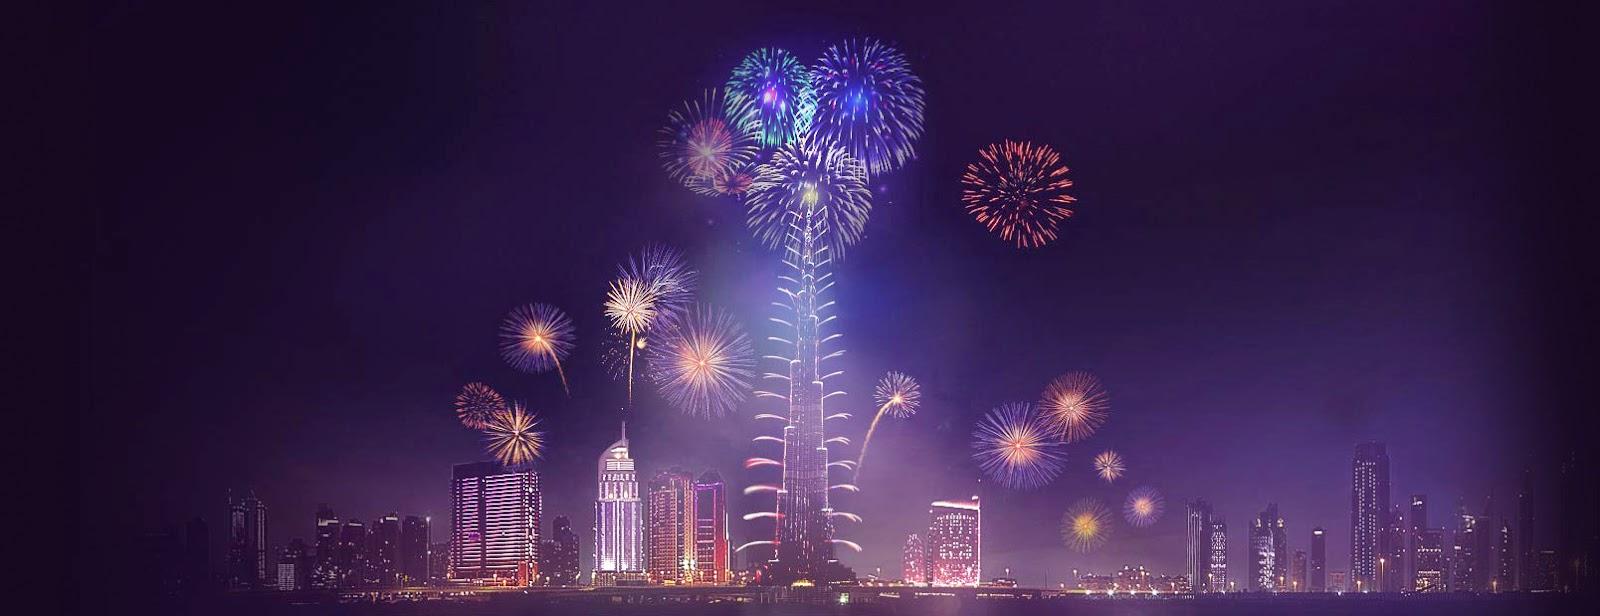 szilveszter, szilveszteri tűzijáték, 2015, Dubaj, Egyesült Arab Emírségek, Burzs Kalifa,